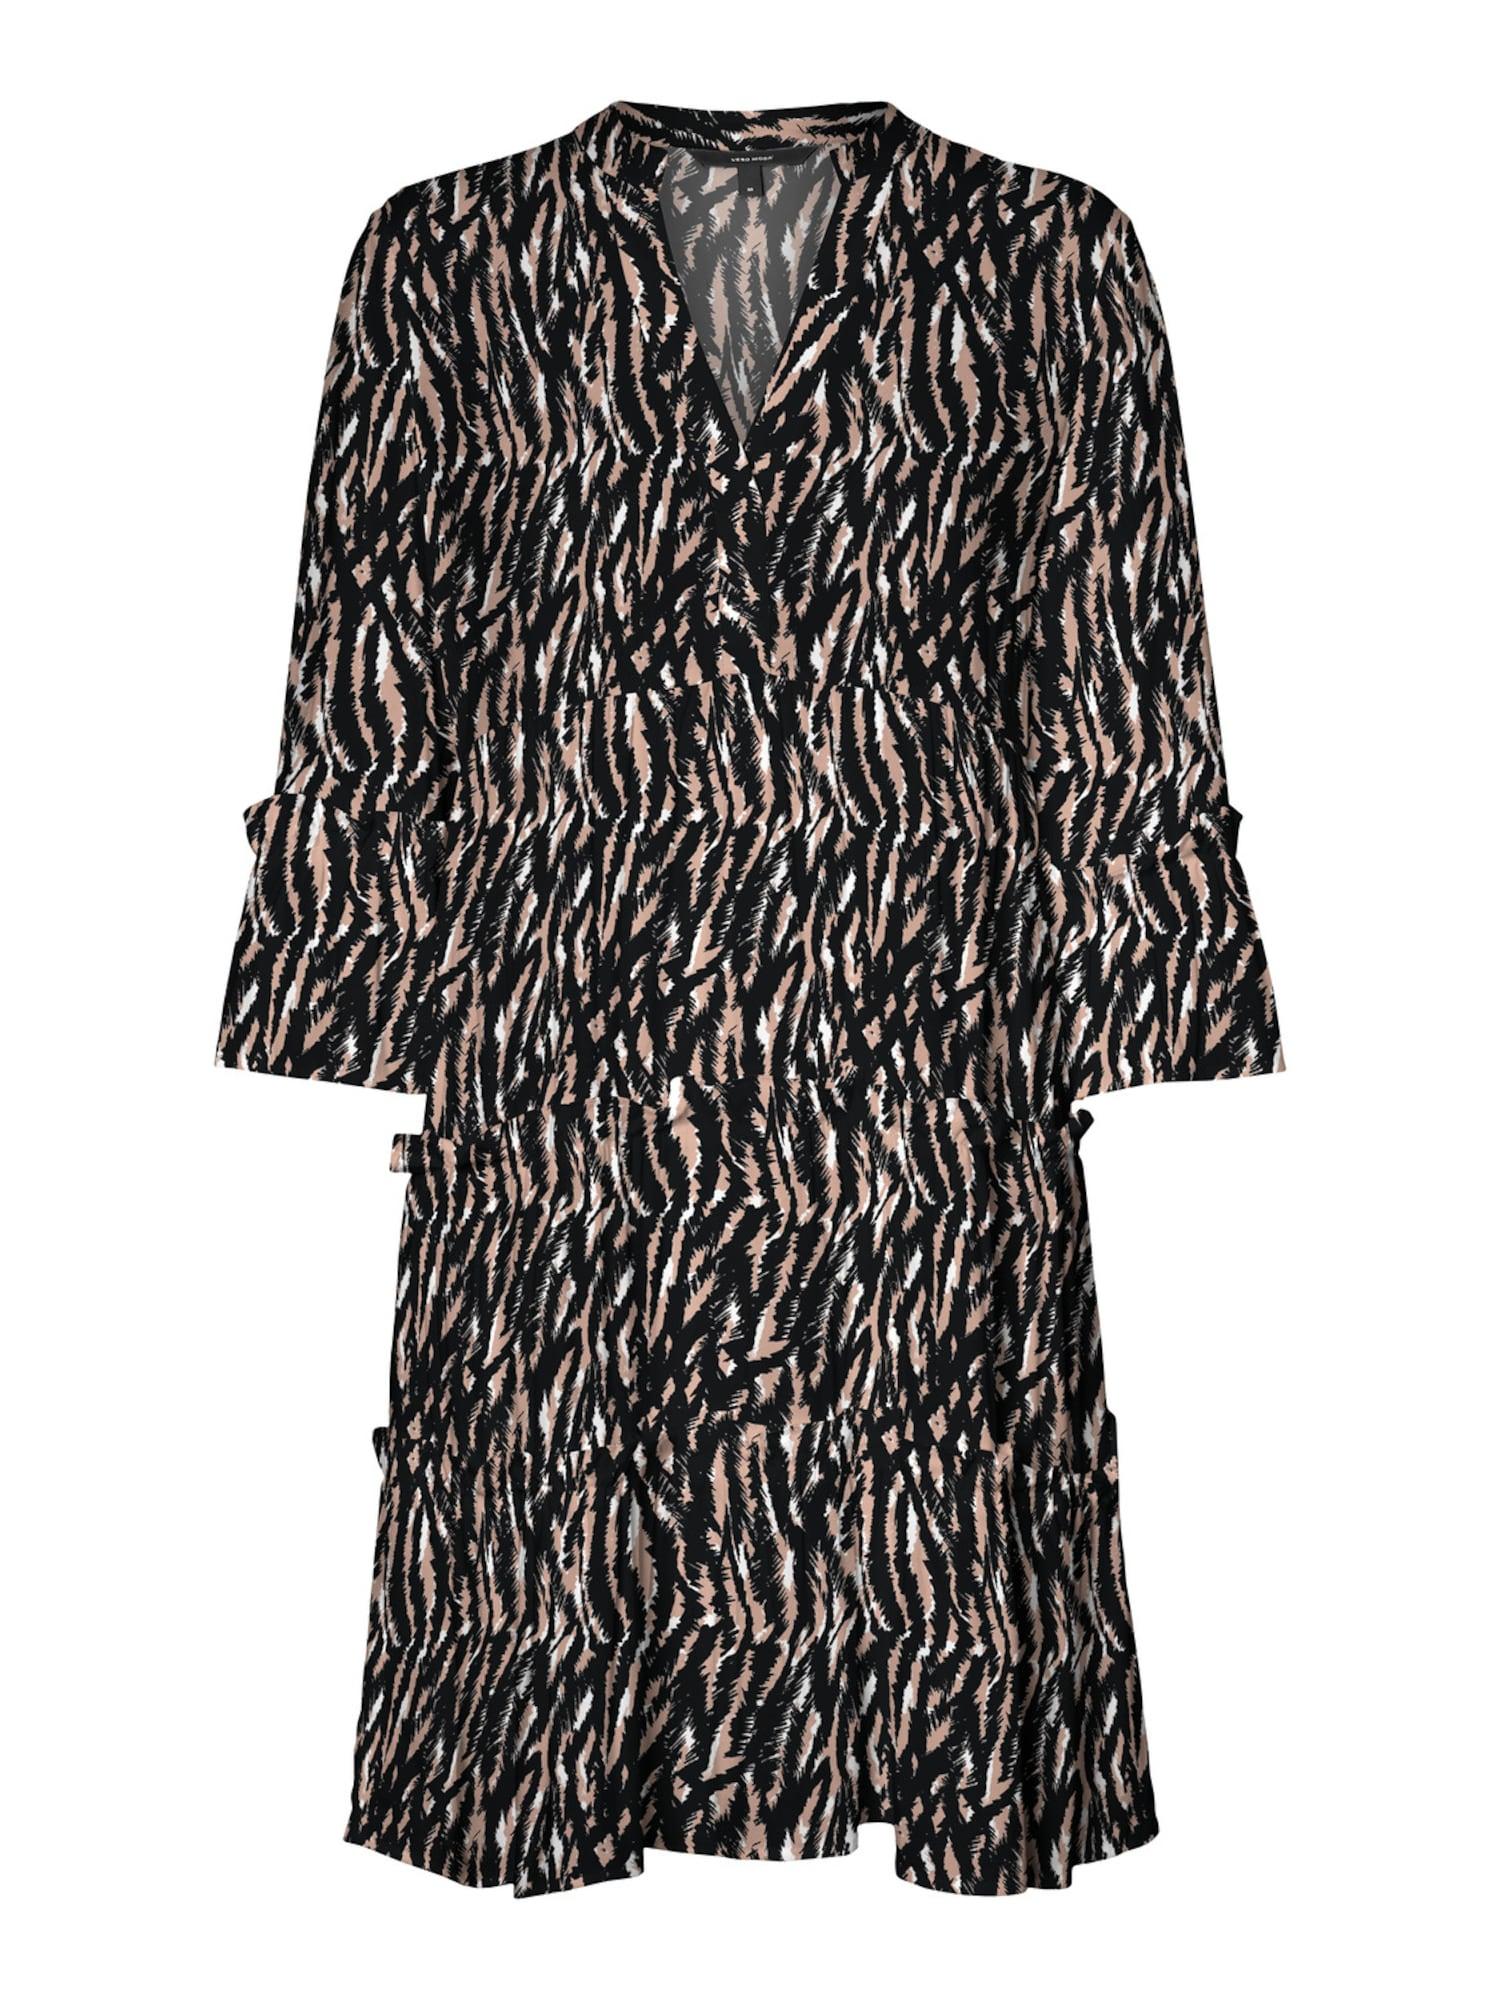 Vero Moda Tall Suknelė ryškiai rožinė spalva / juoda / balta